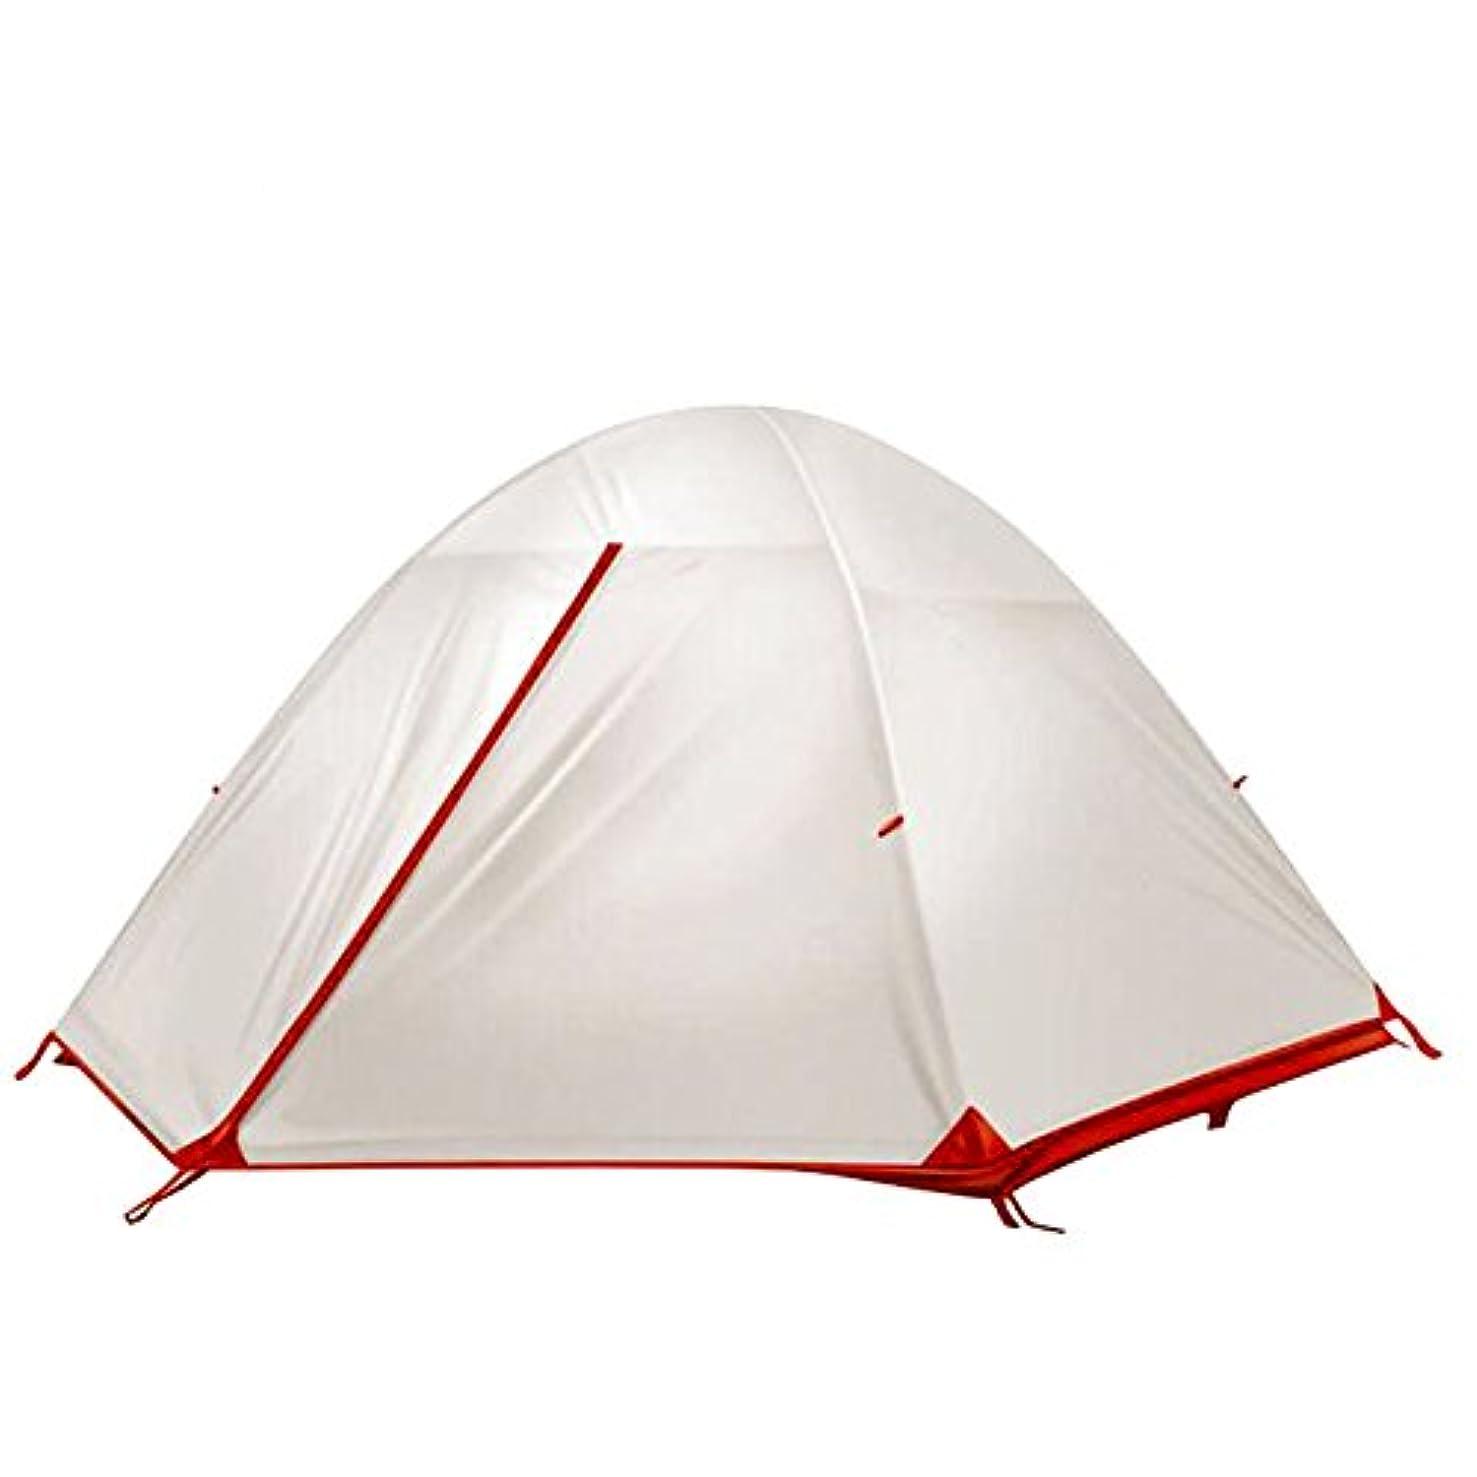 カリング粘性の架空のテント 2人用 シリコンコーディング 耐水圧5000 アルミポール 軽量 登山 キャンプ アウトドア用